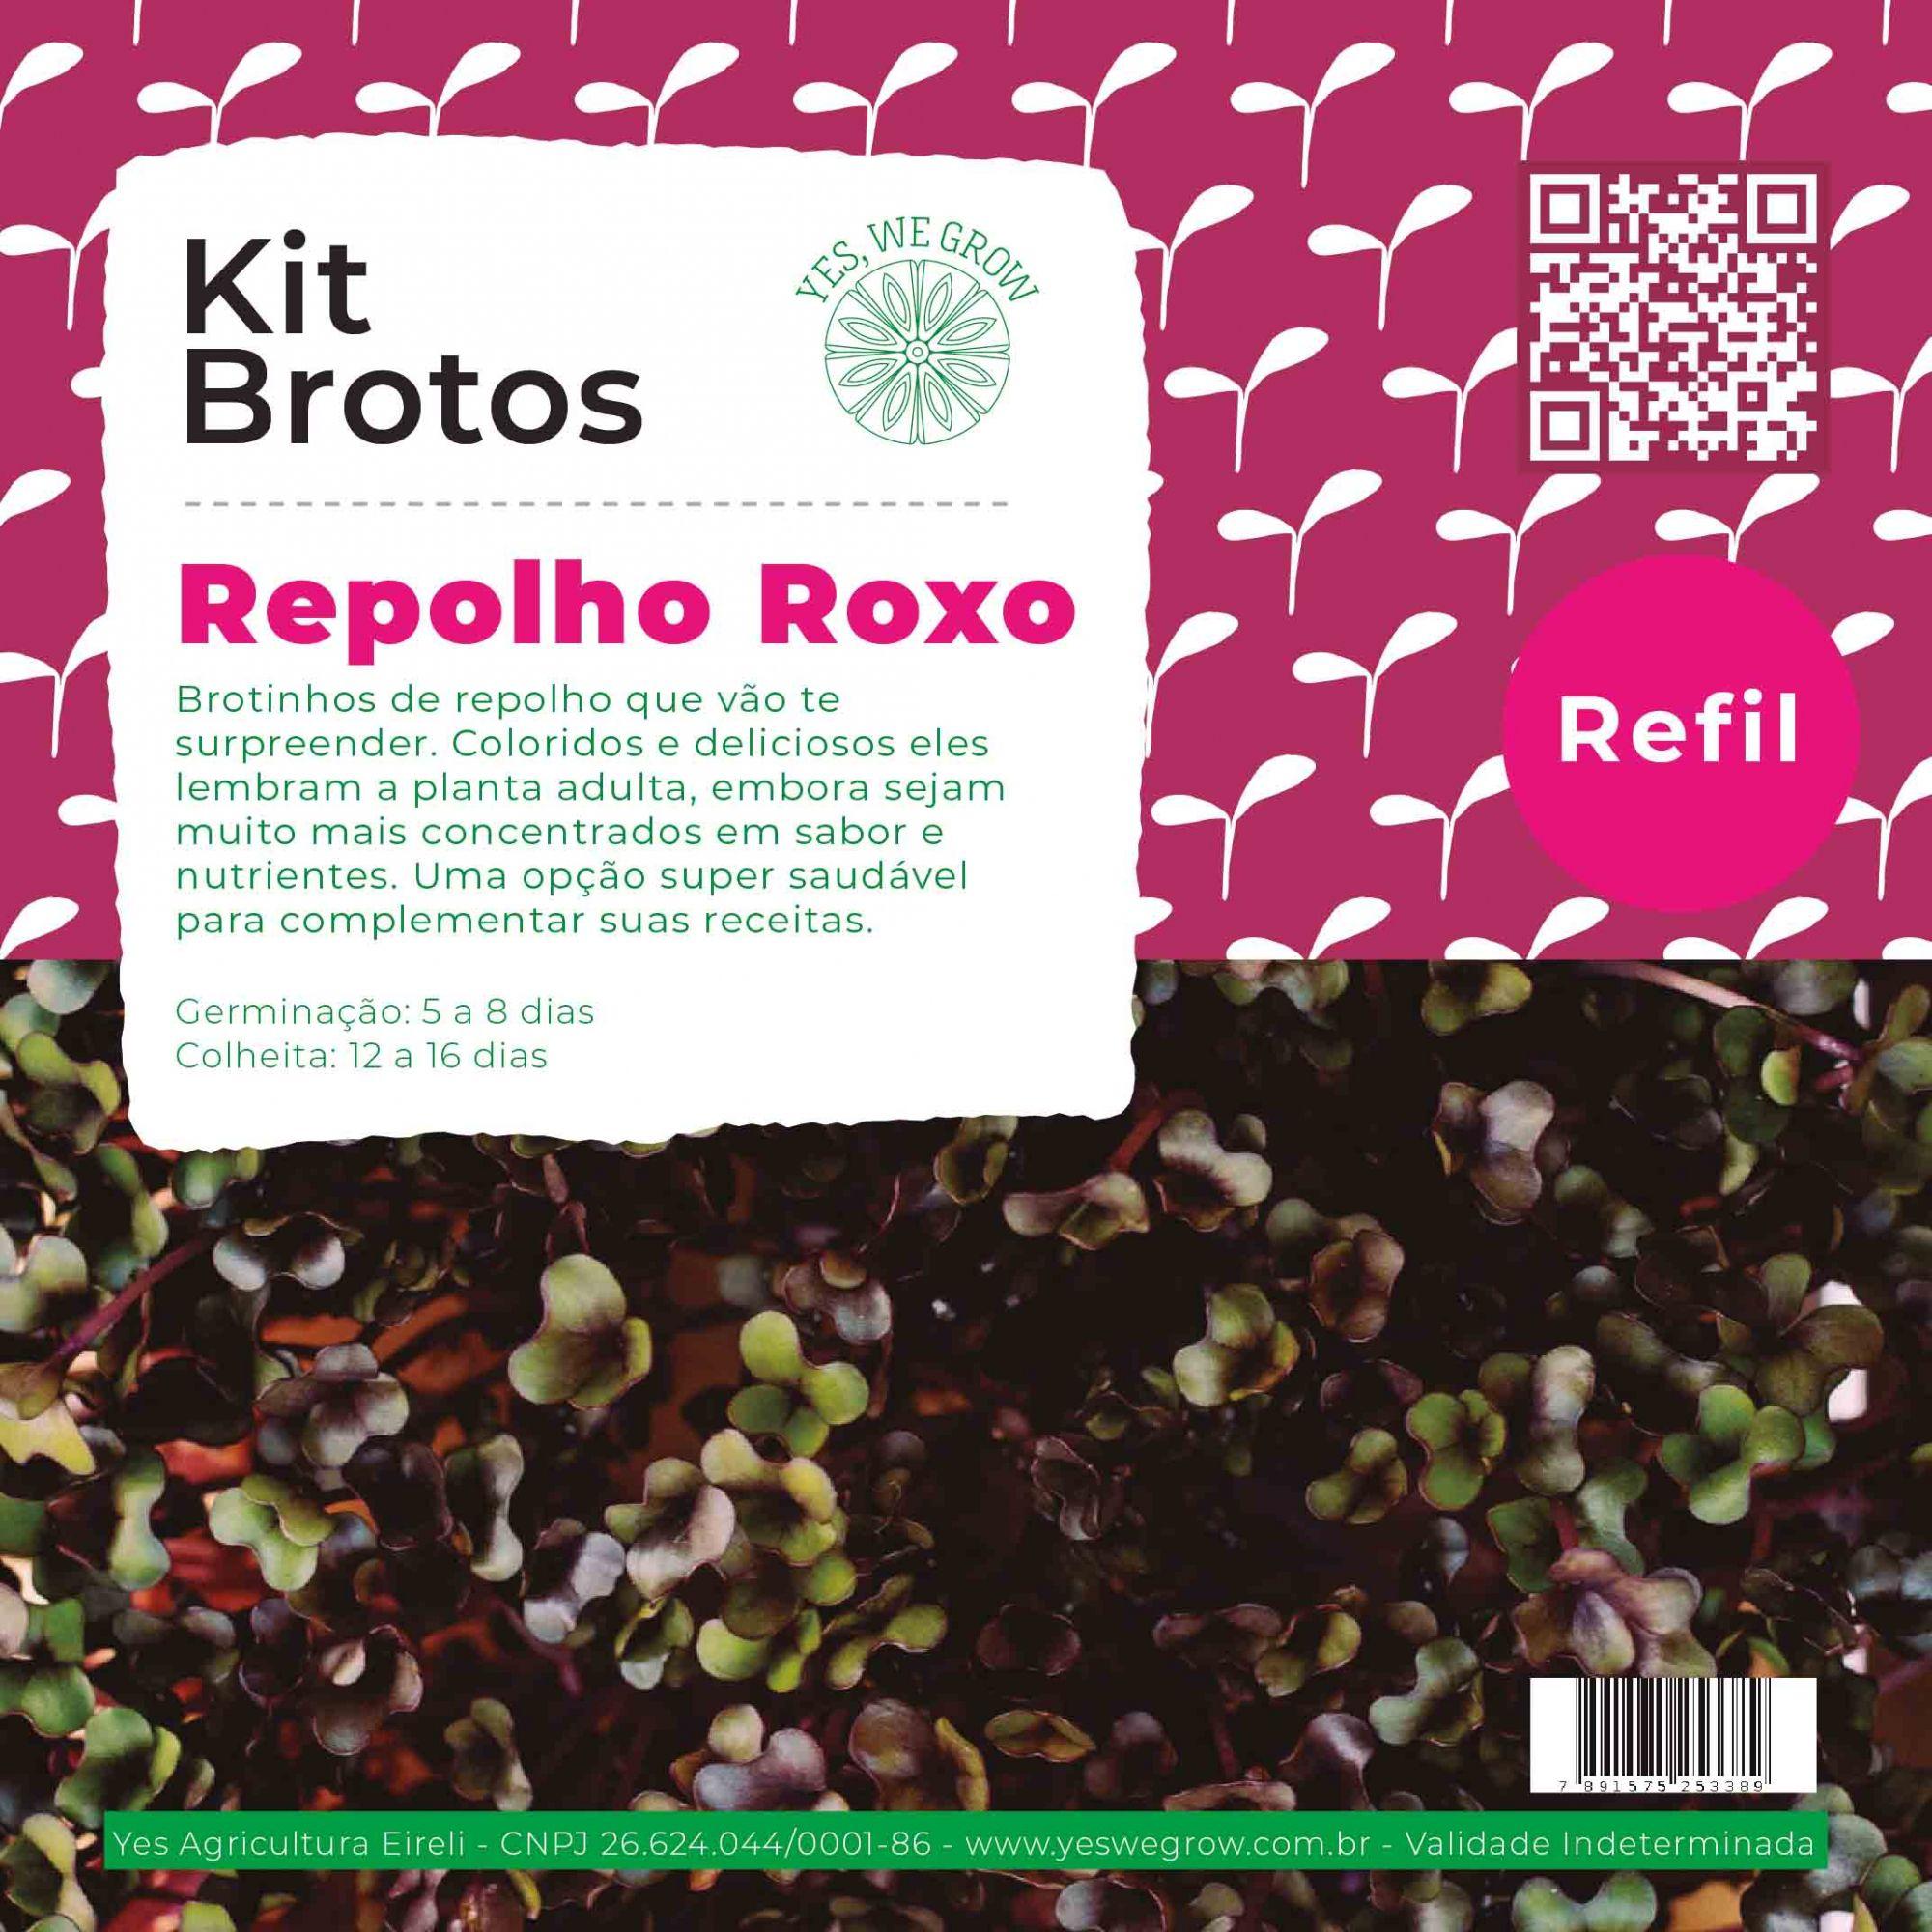 Refil para Kit Brotos Repolho Roxo